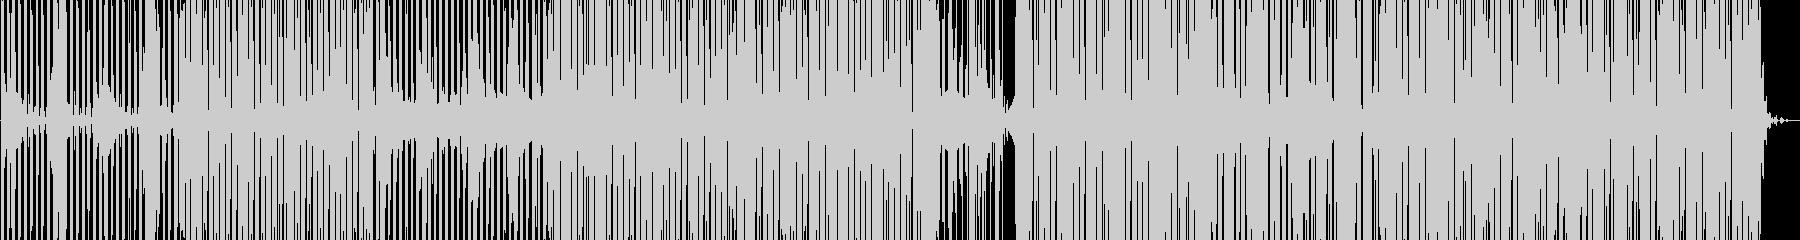 少しづつ変化するdeep minimalの未再生の波形